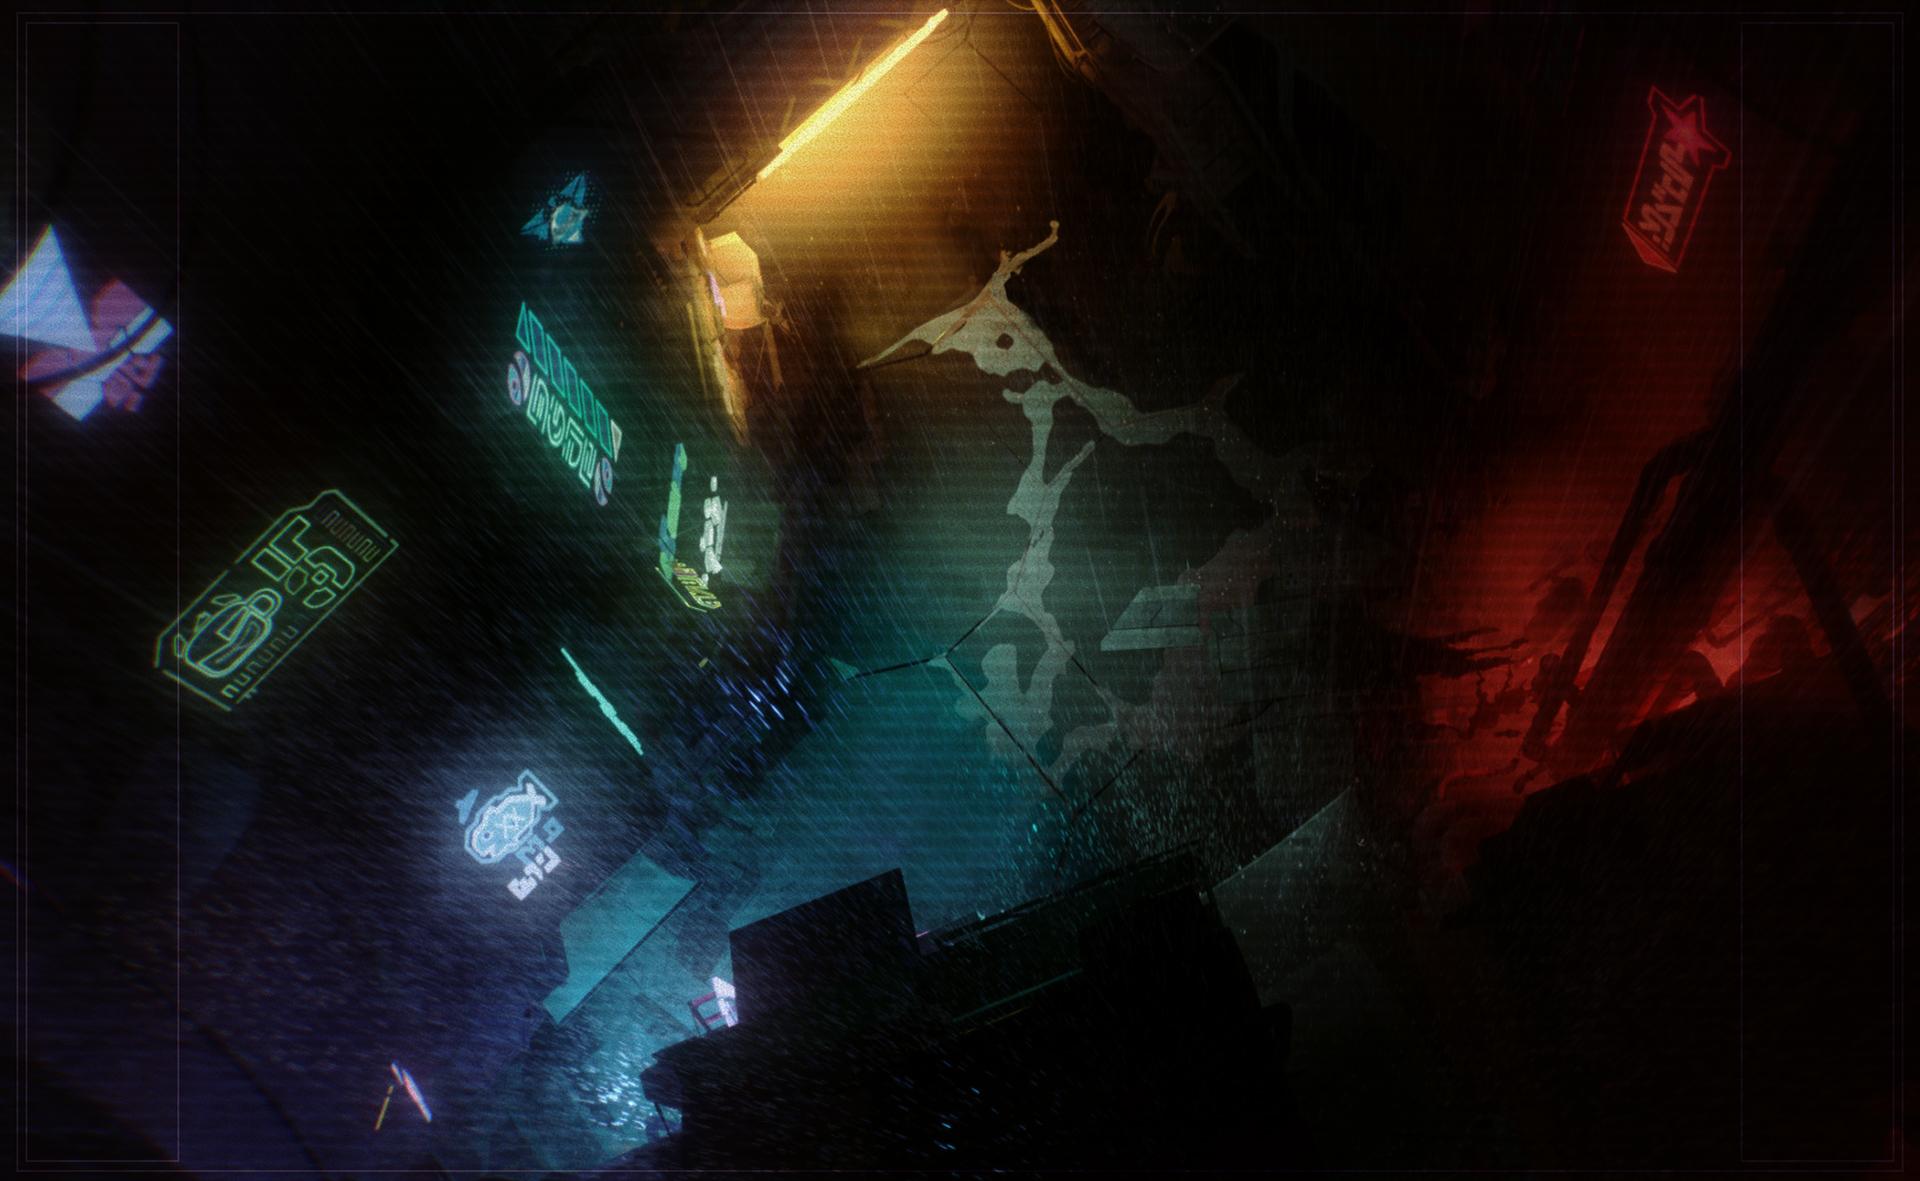 De ratas y gatos y ratones de neón - El universo de League of Legends